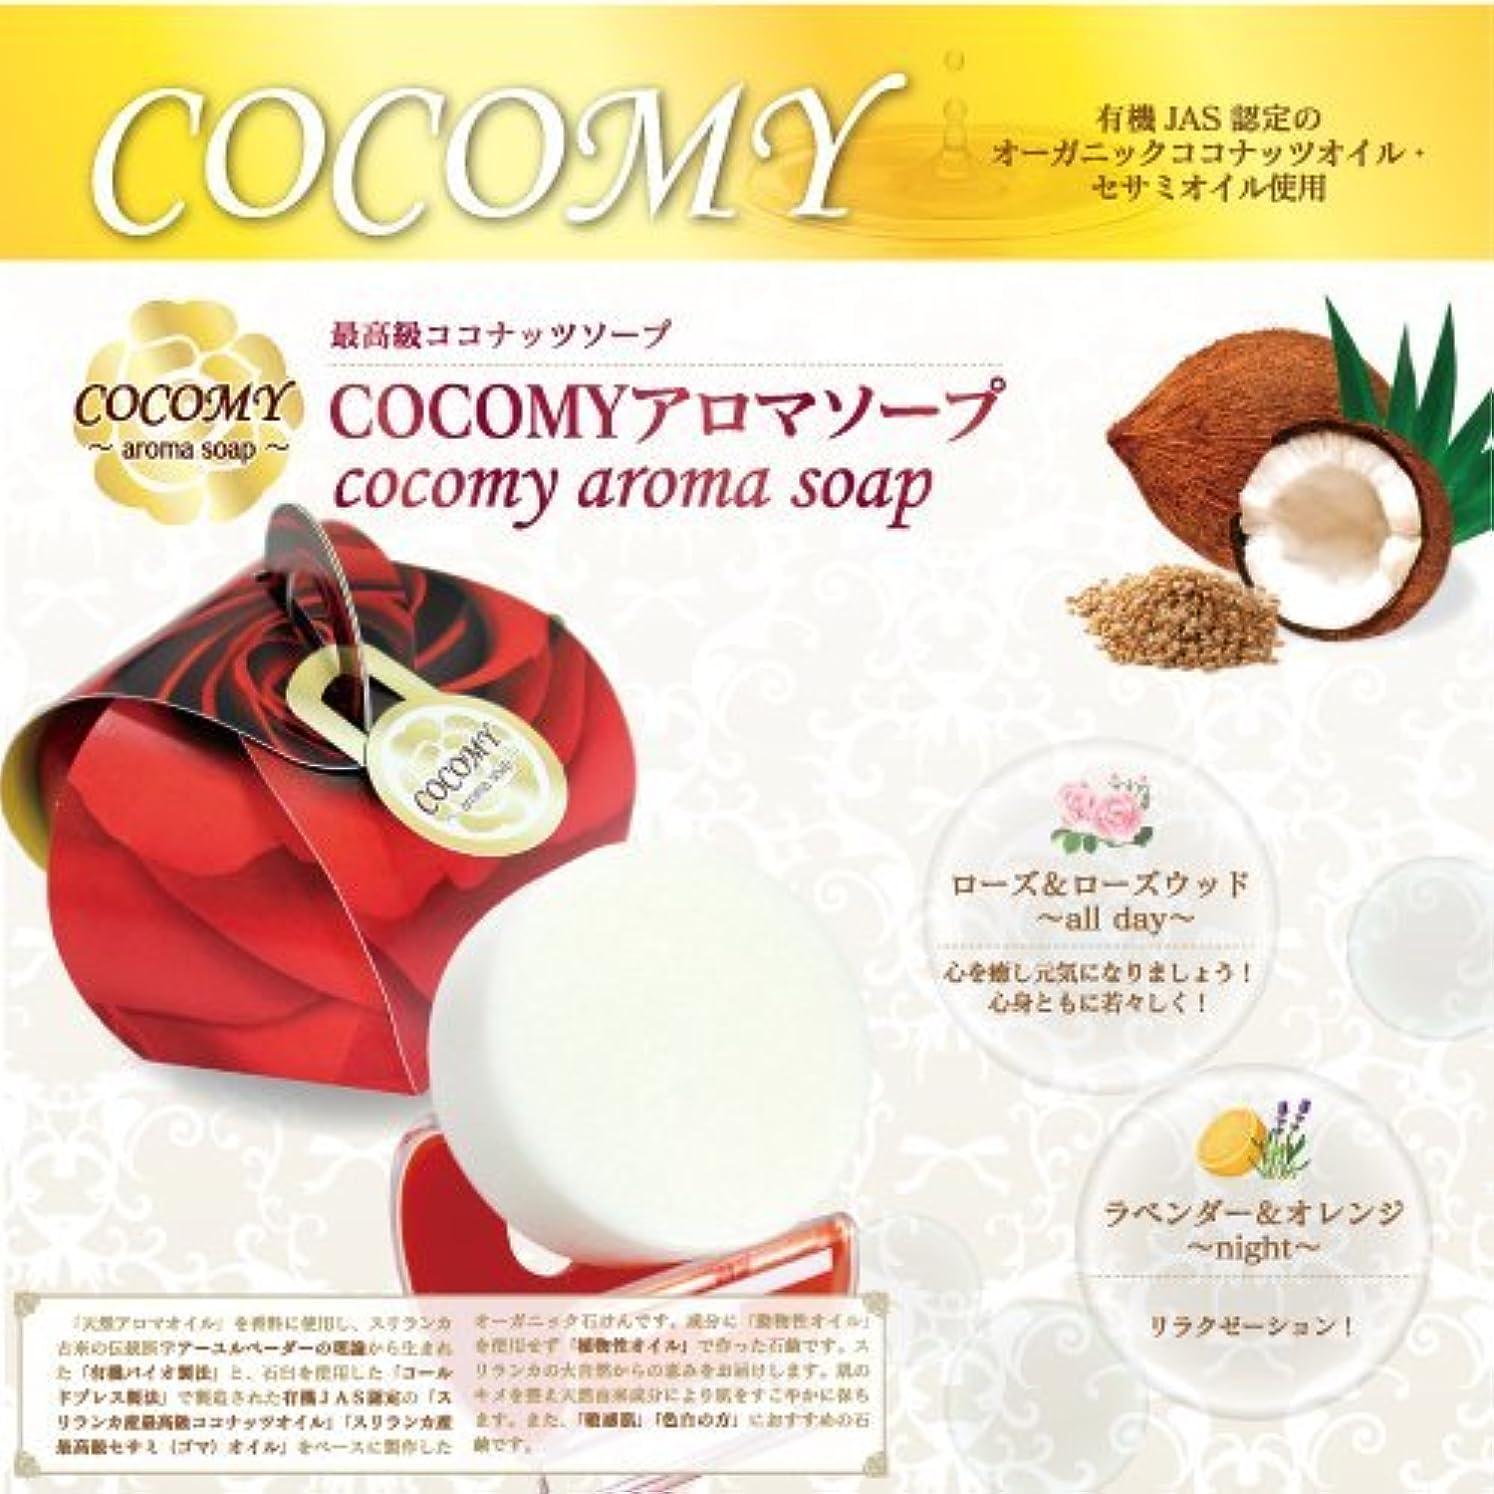 水没電池平行COCOMY aromaソープ 4個セット (ラベンダー&オレンジ)(ローズ&ローズウッド) 40g×各2